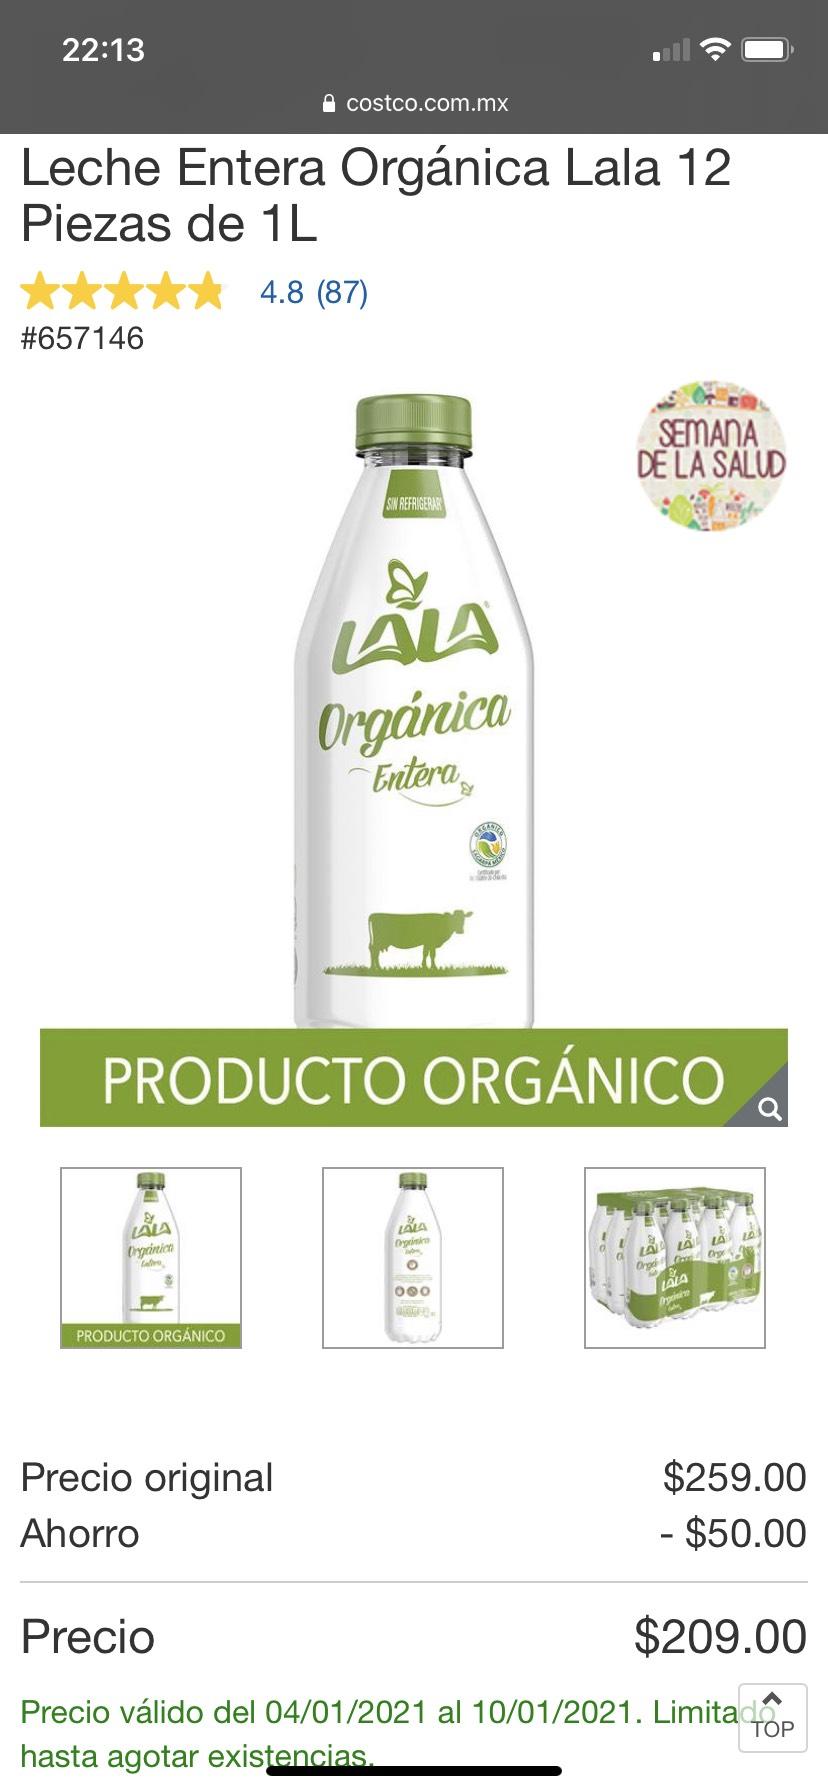 Costco: 12 Pack leche Lala entera orgánica de 1 litro